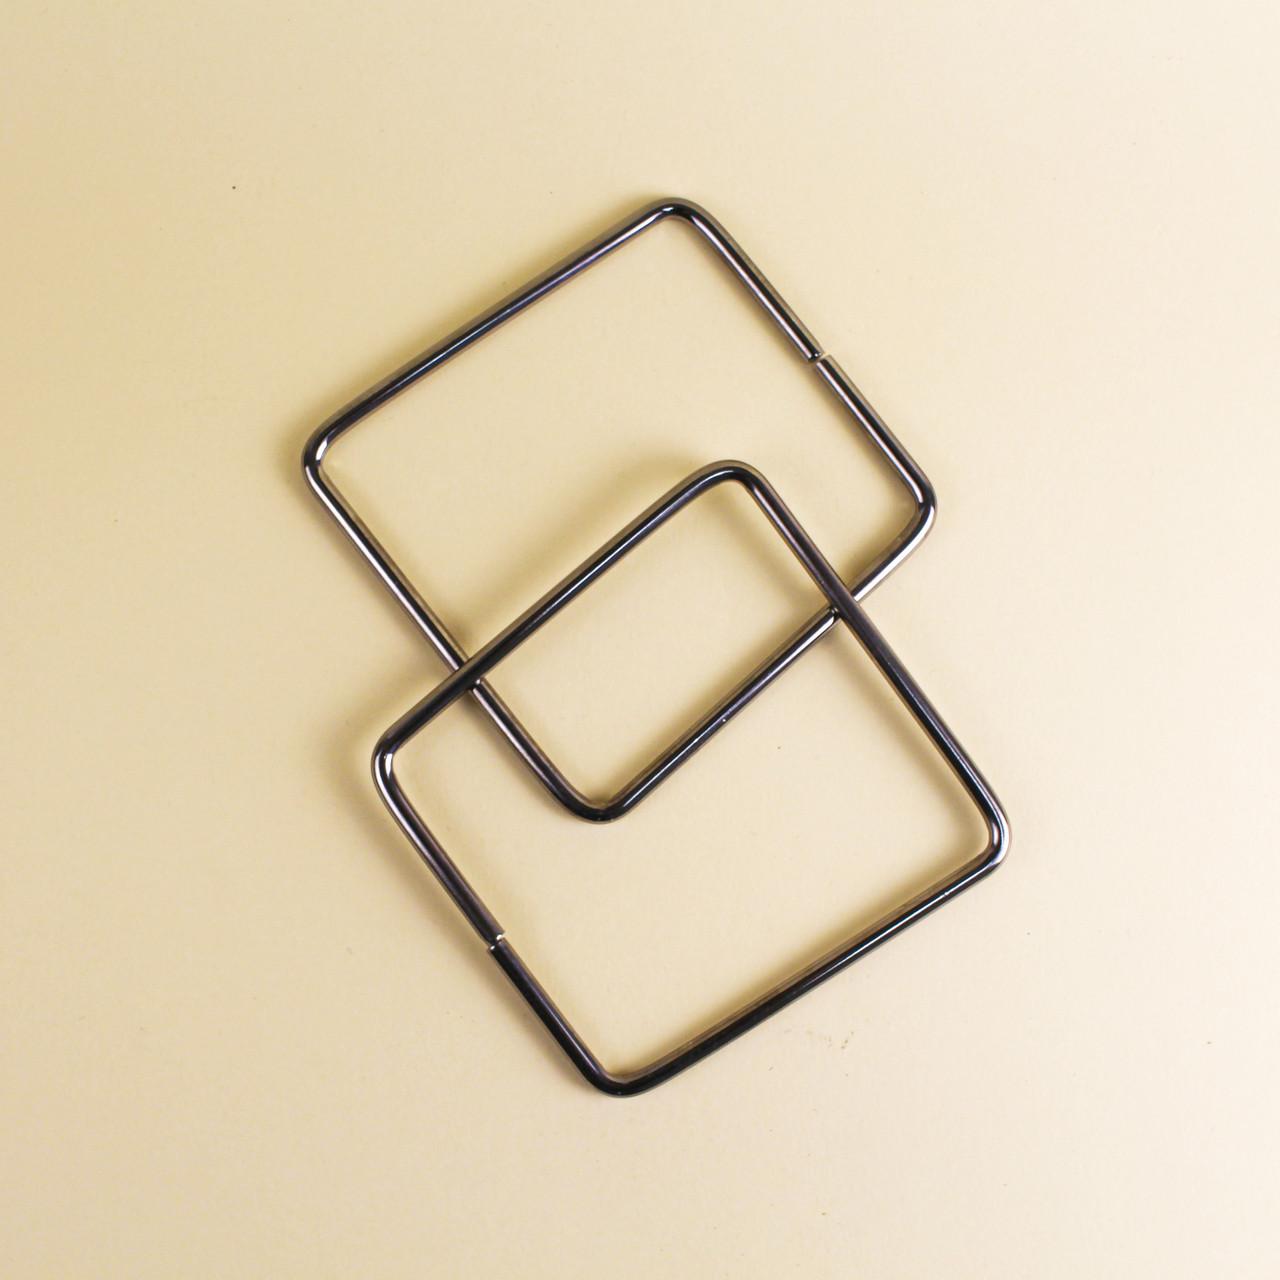 Комплект металлических ручек-трапеций для сумки 11х12,5 см Серебро